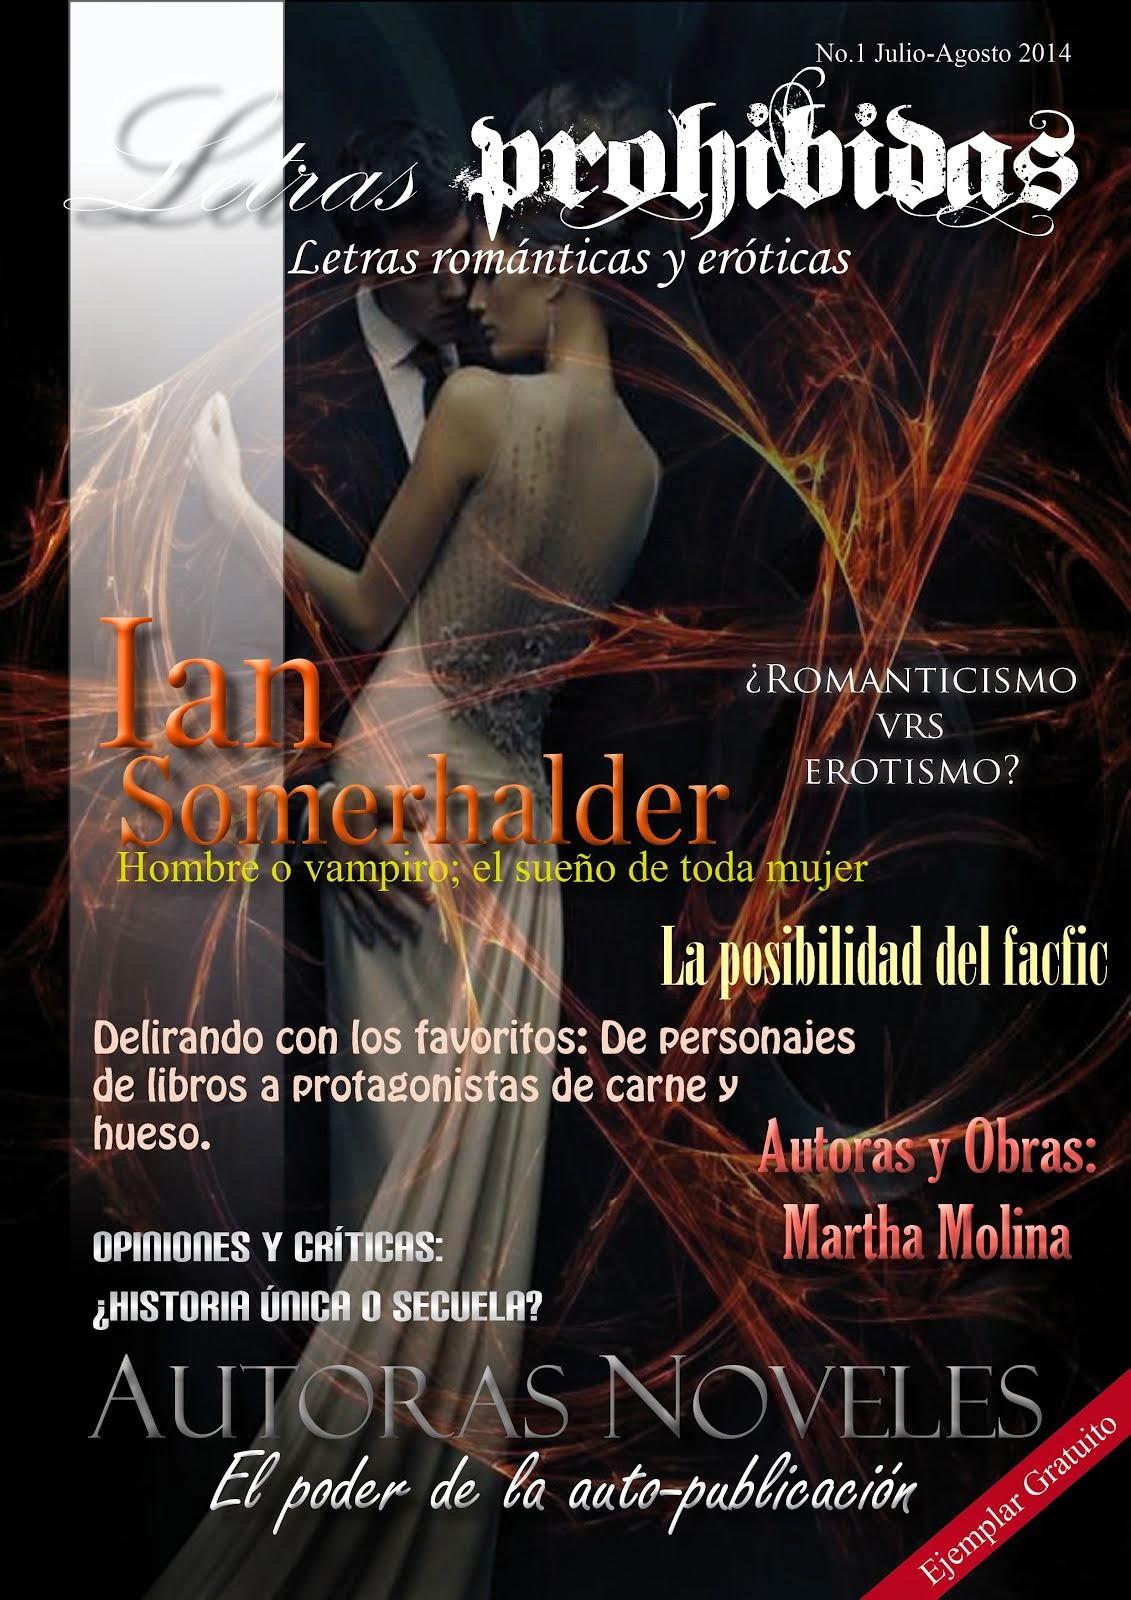 Edición Julio-Agosto 2014